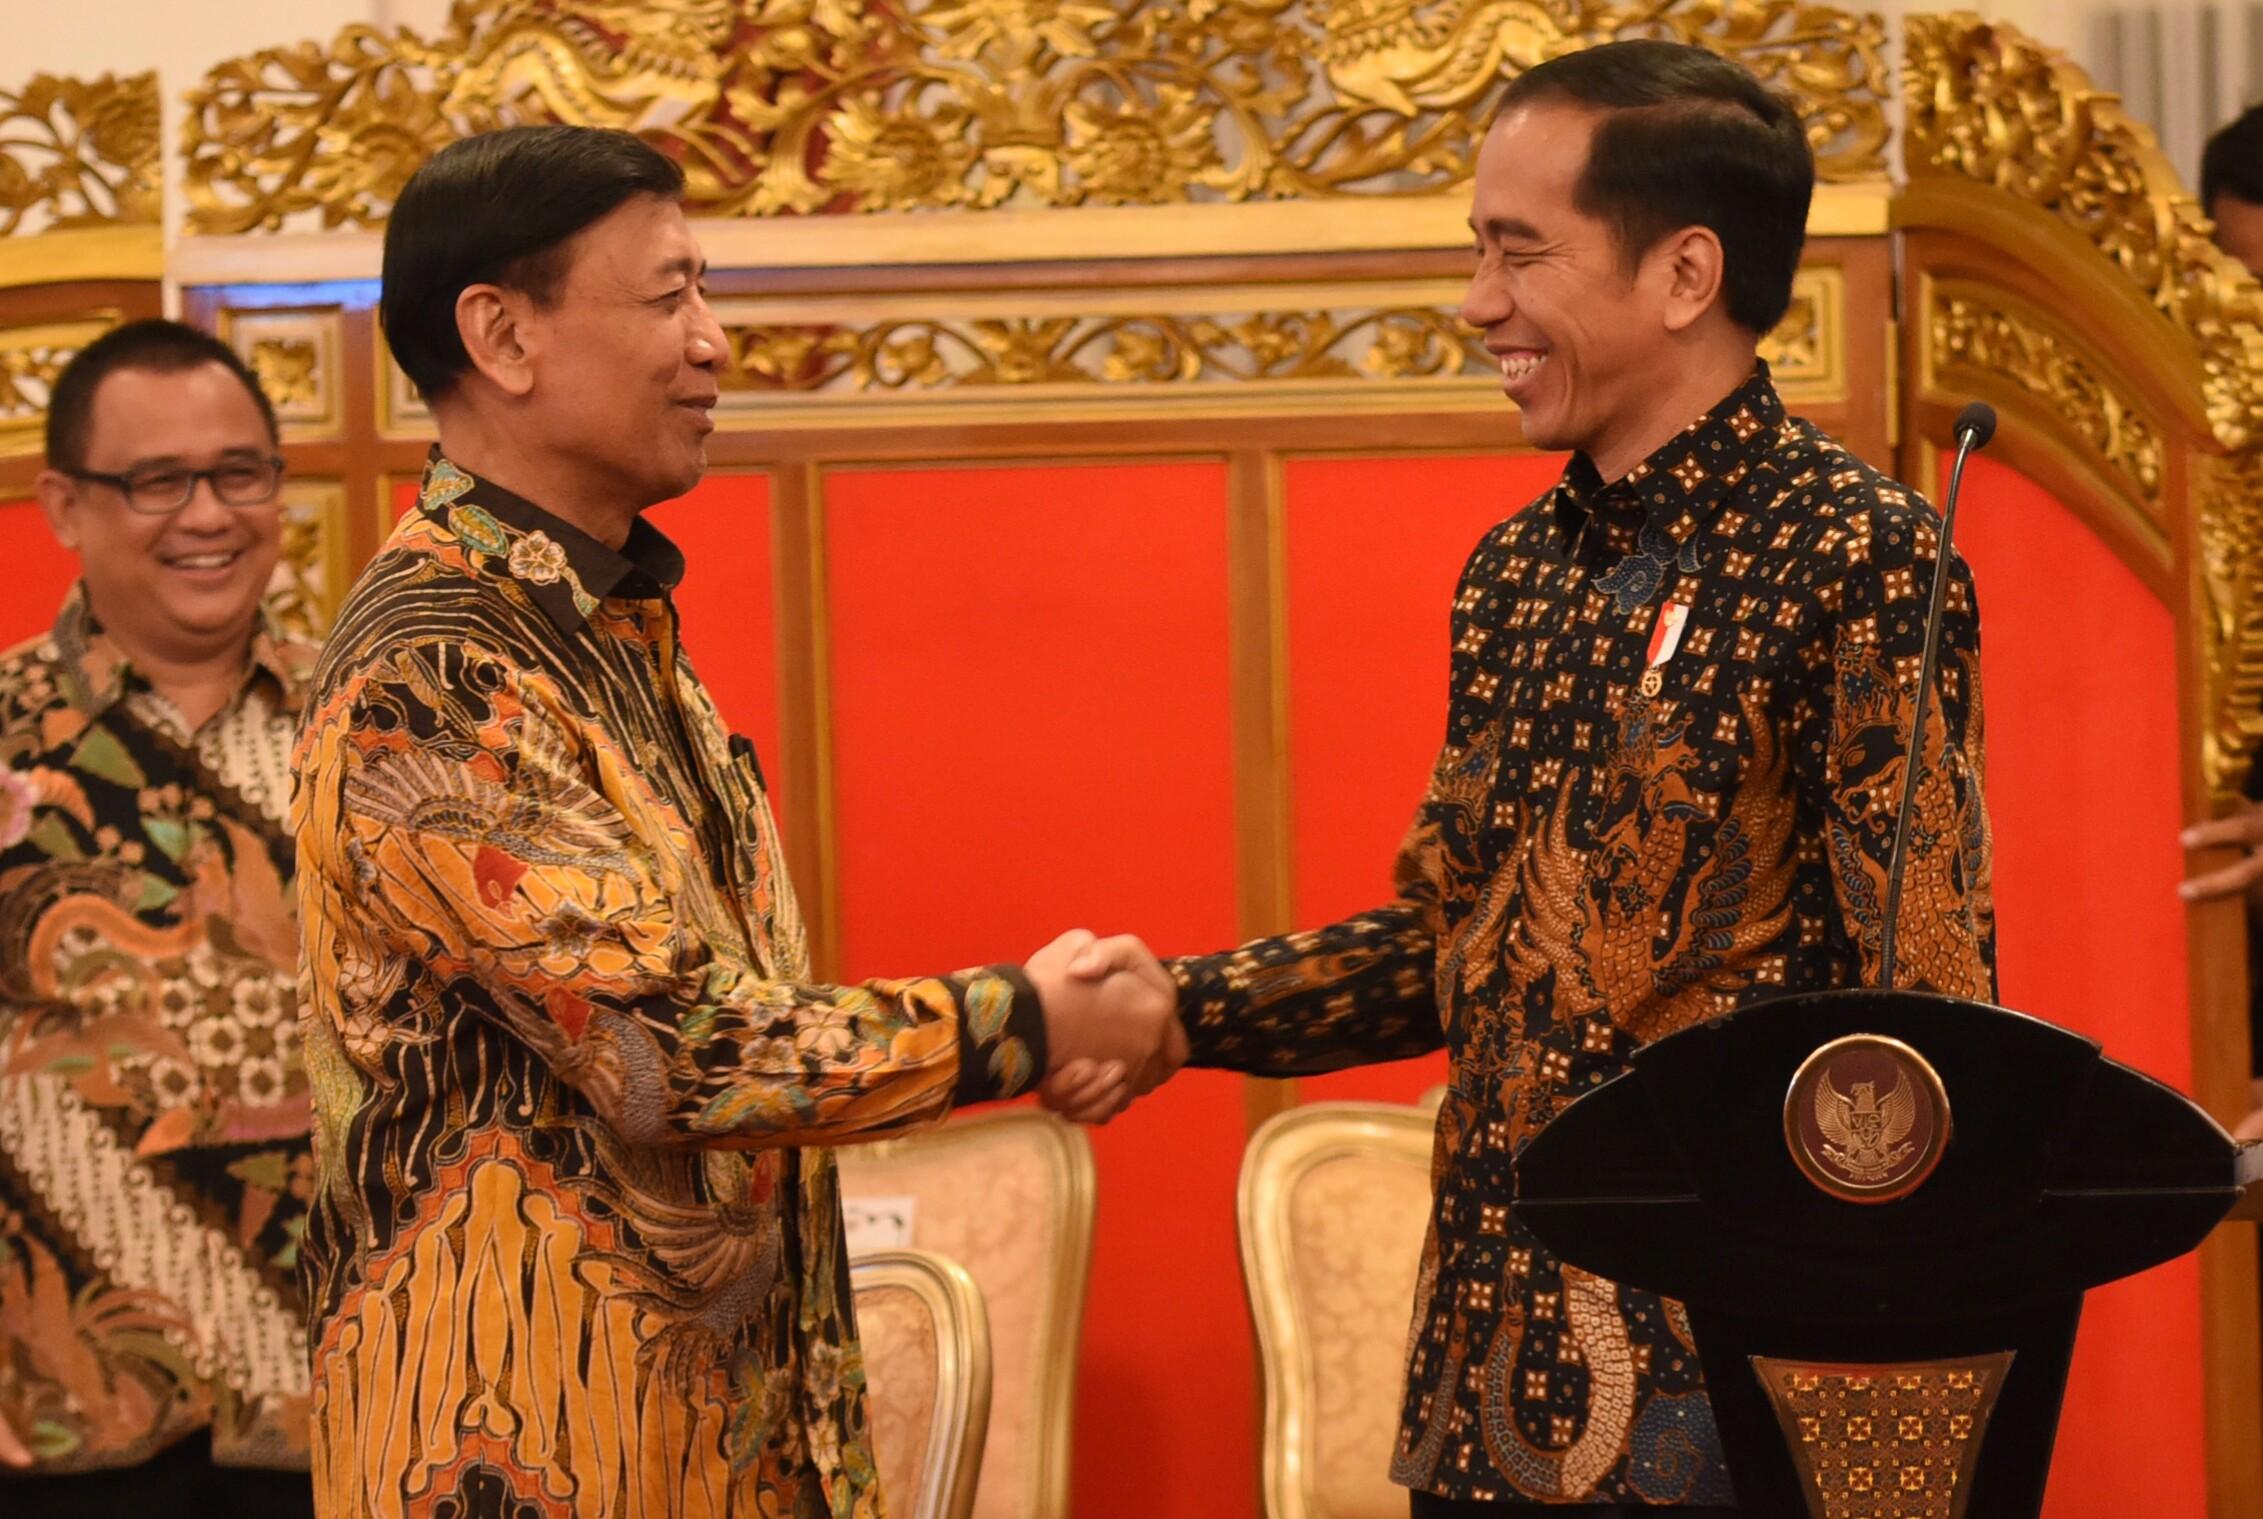 Presiden Jokowi memberi ucapan selamat ulang tahun kepada Menko Polhukam, Wiranto, sebelum pimpin Sidang Kabinet Paripurna di Istana Negara, Jakarta (4/4). (Foto: Humas/Rahmat)